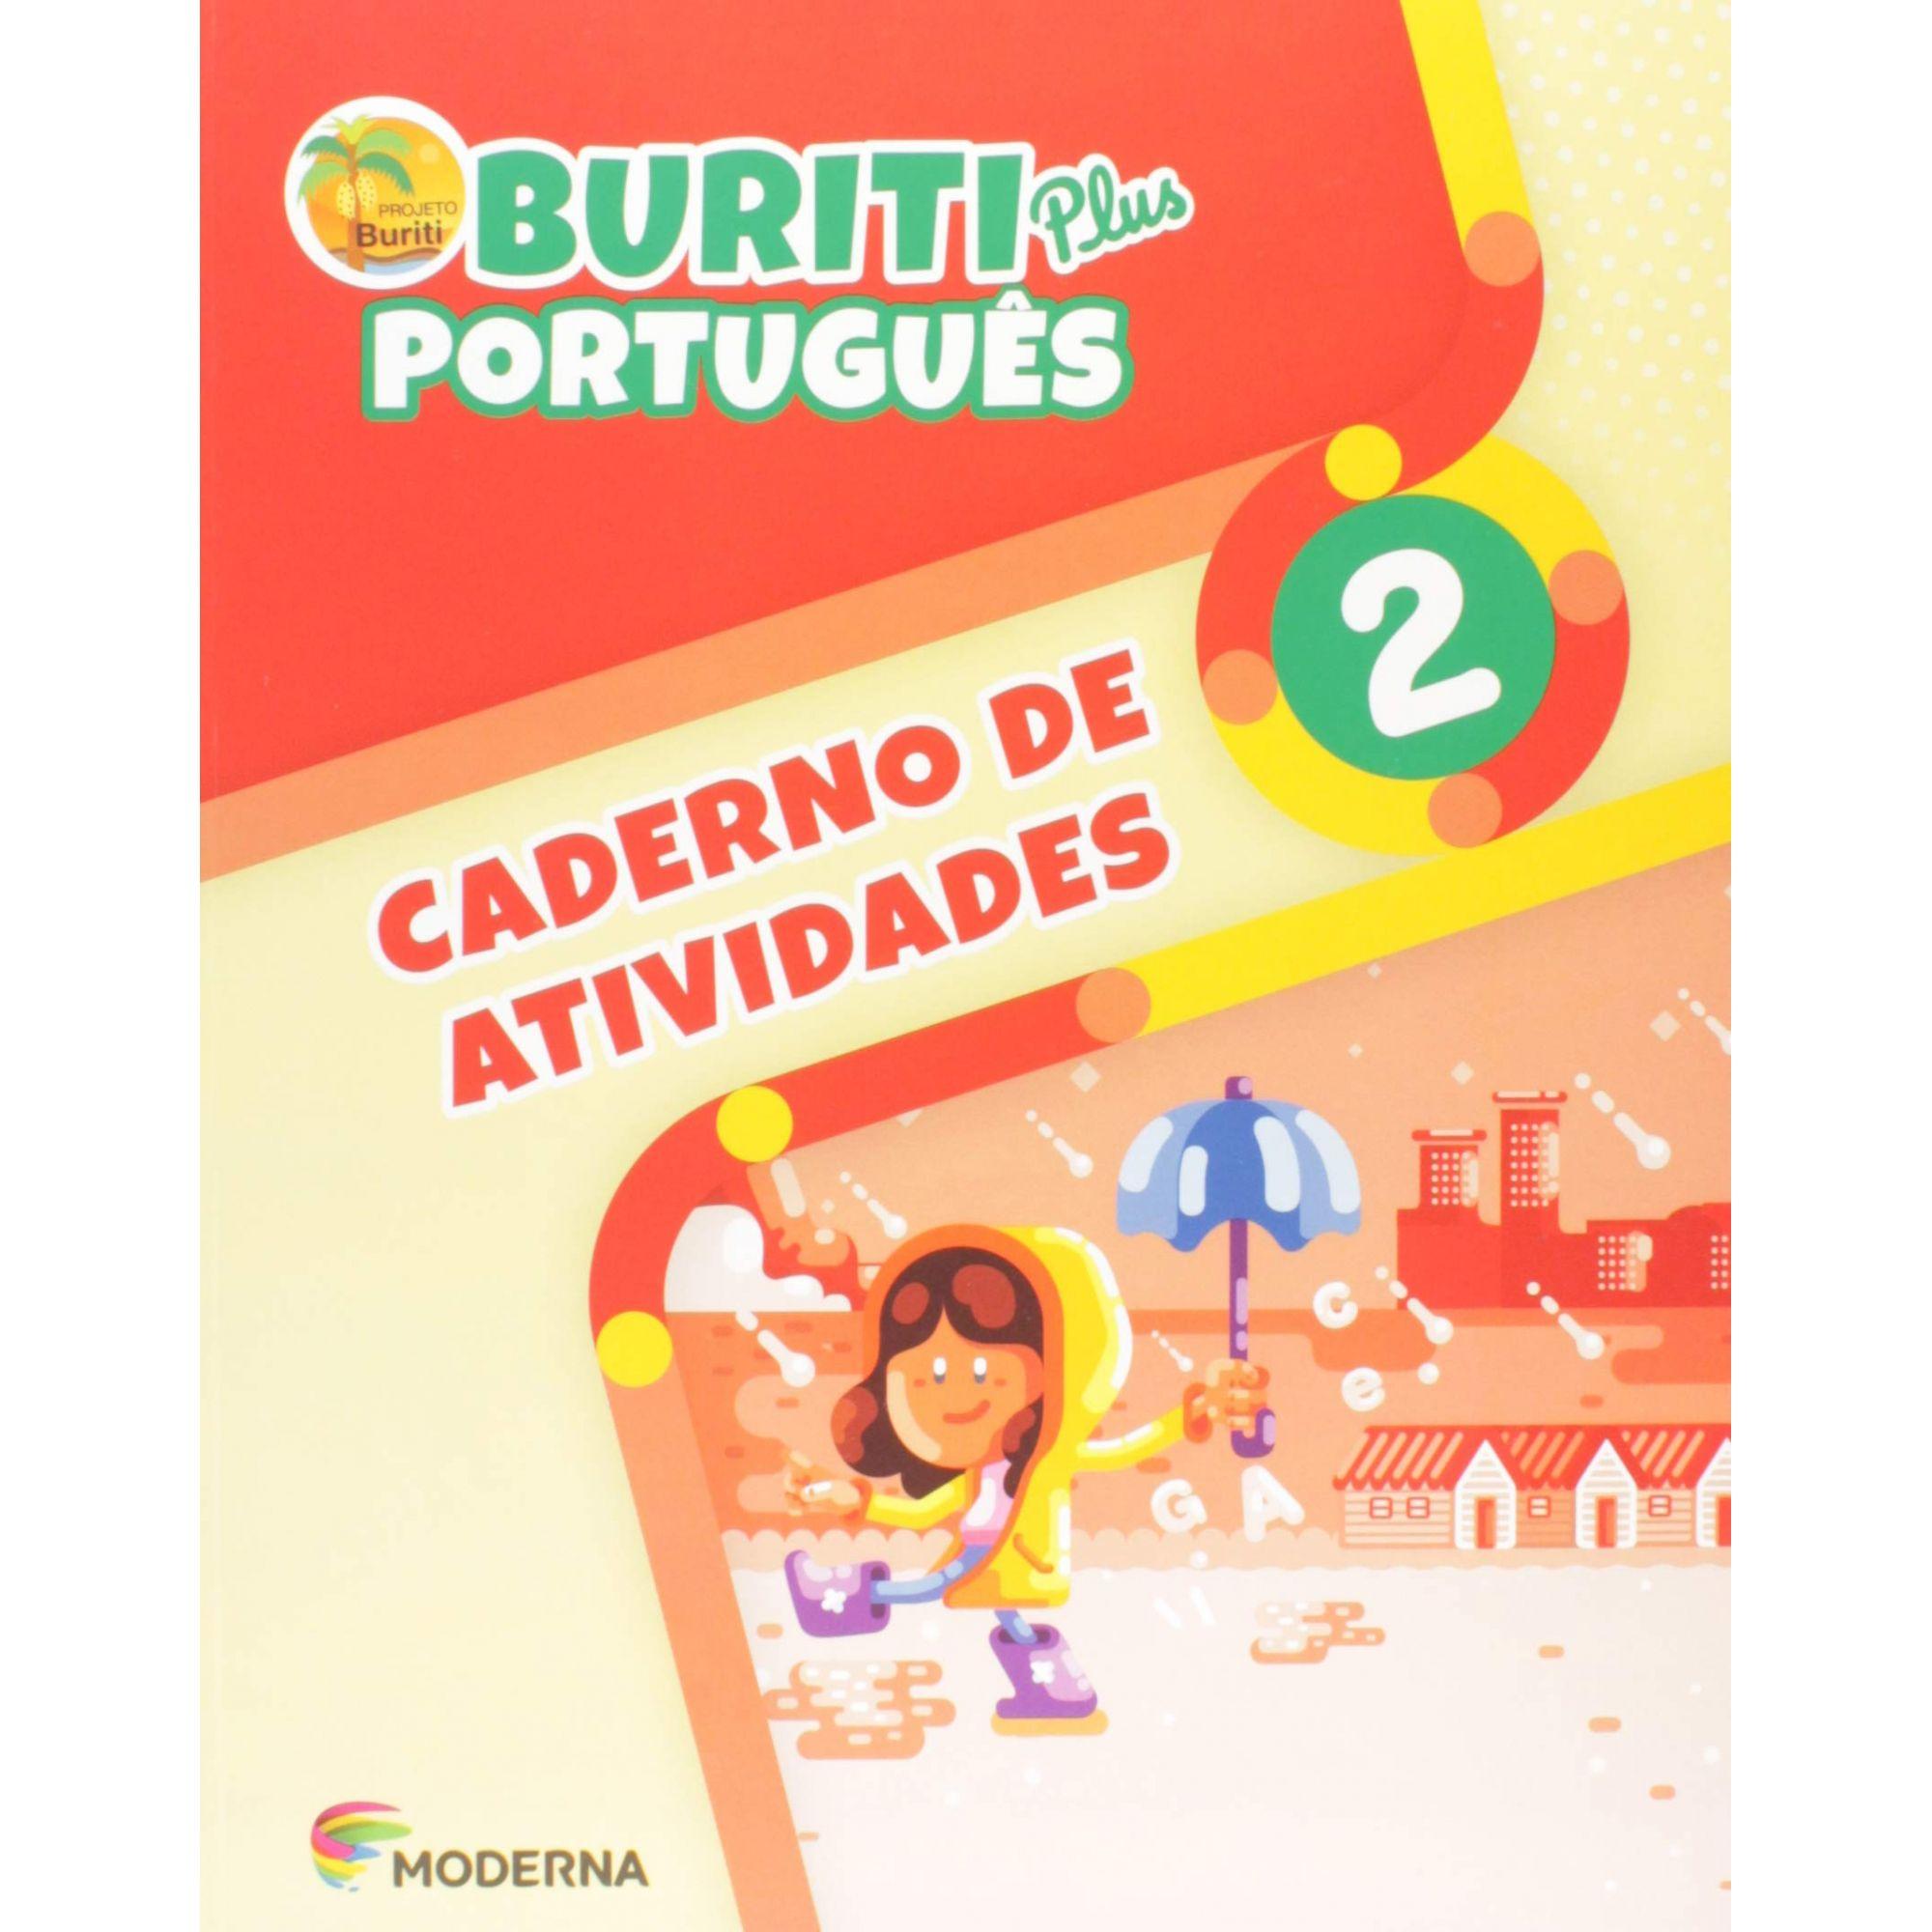 Buriti Plus Português 2 Caderno de Atividades - Capa Comum – Ed. Moderna